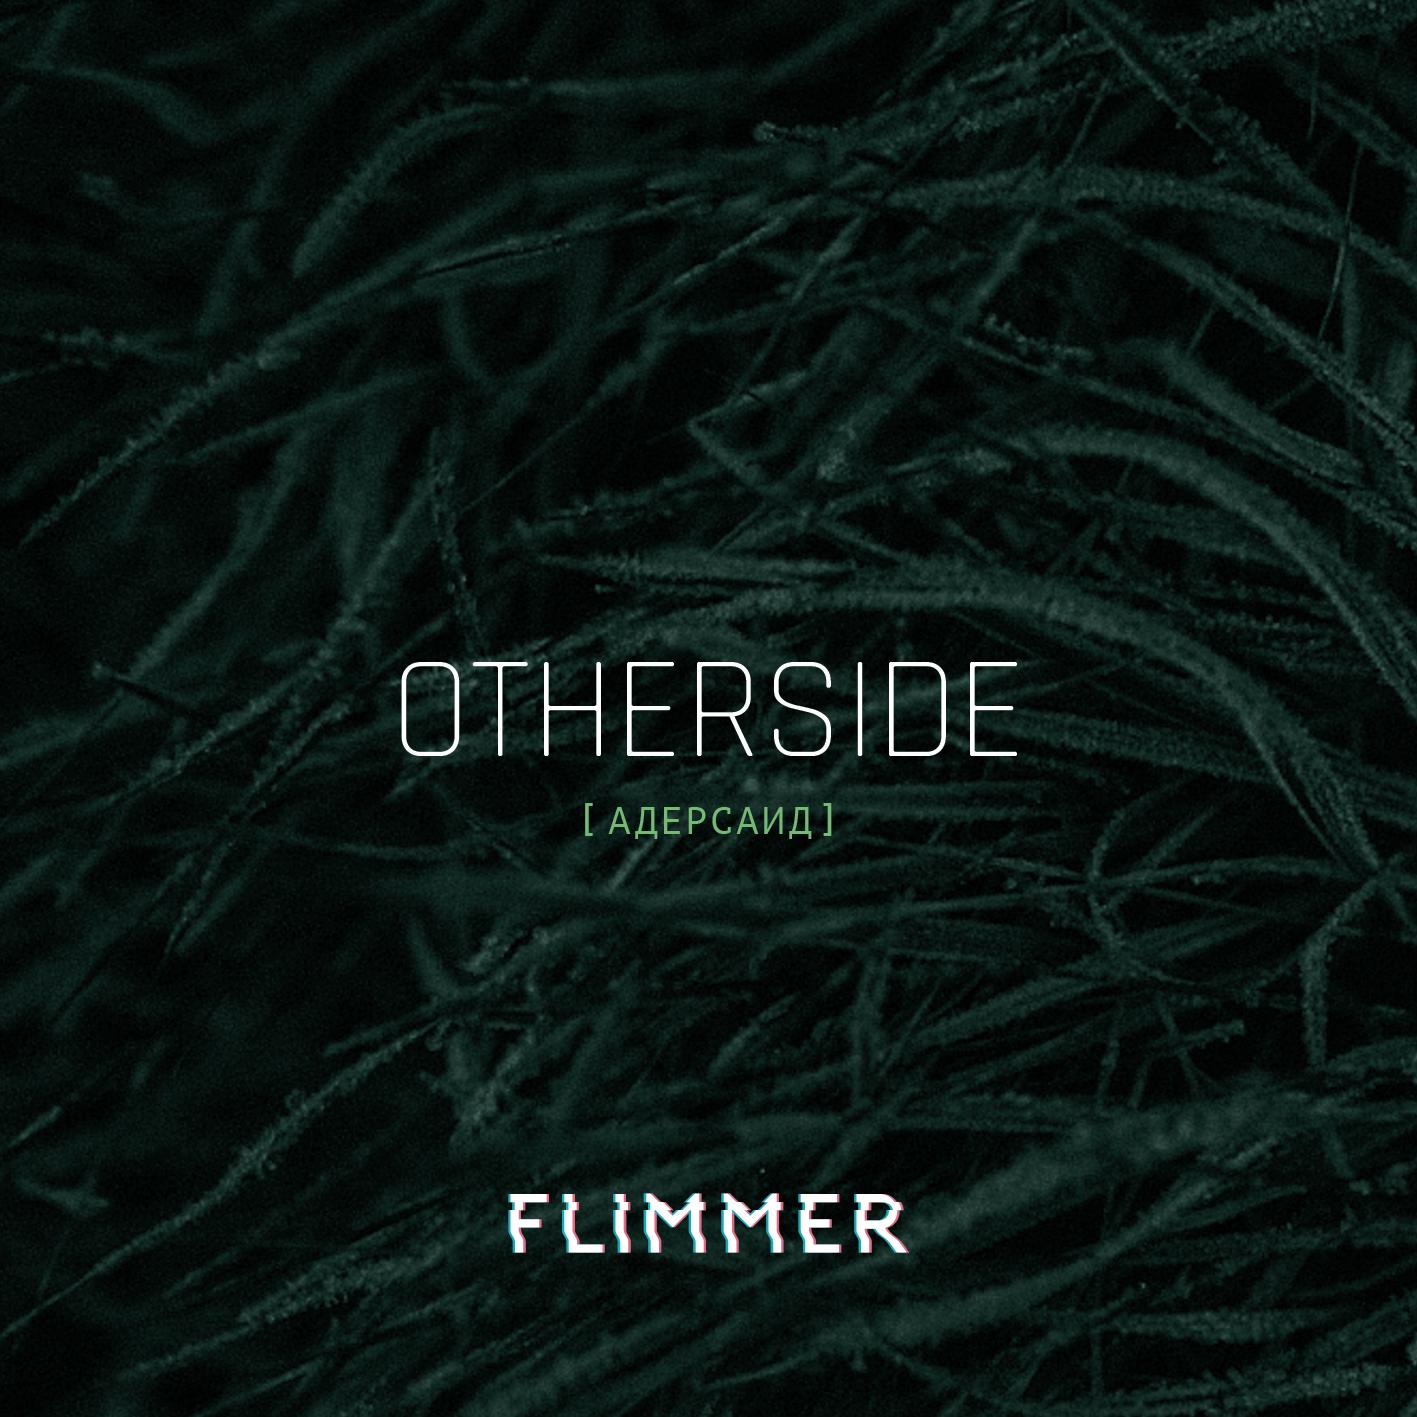 flimmer-otherside-video-premiere